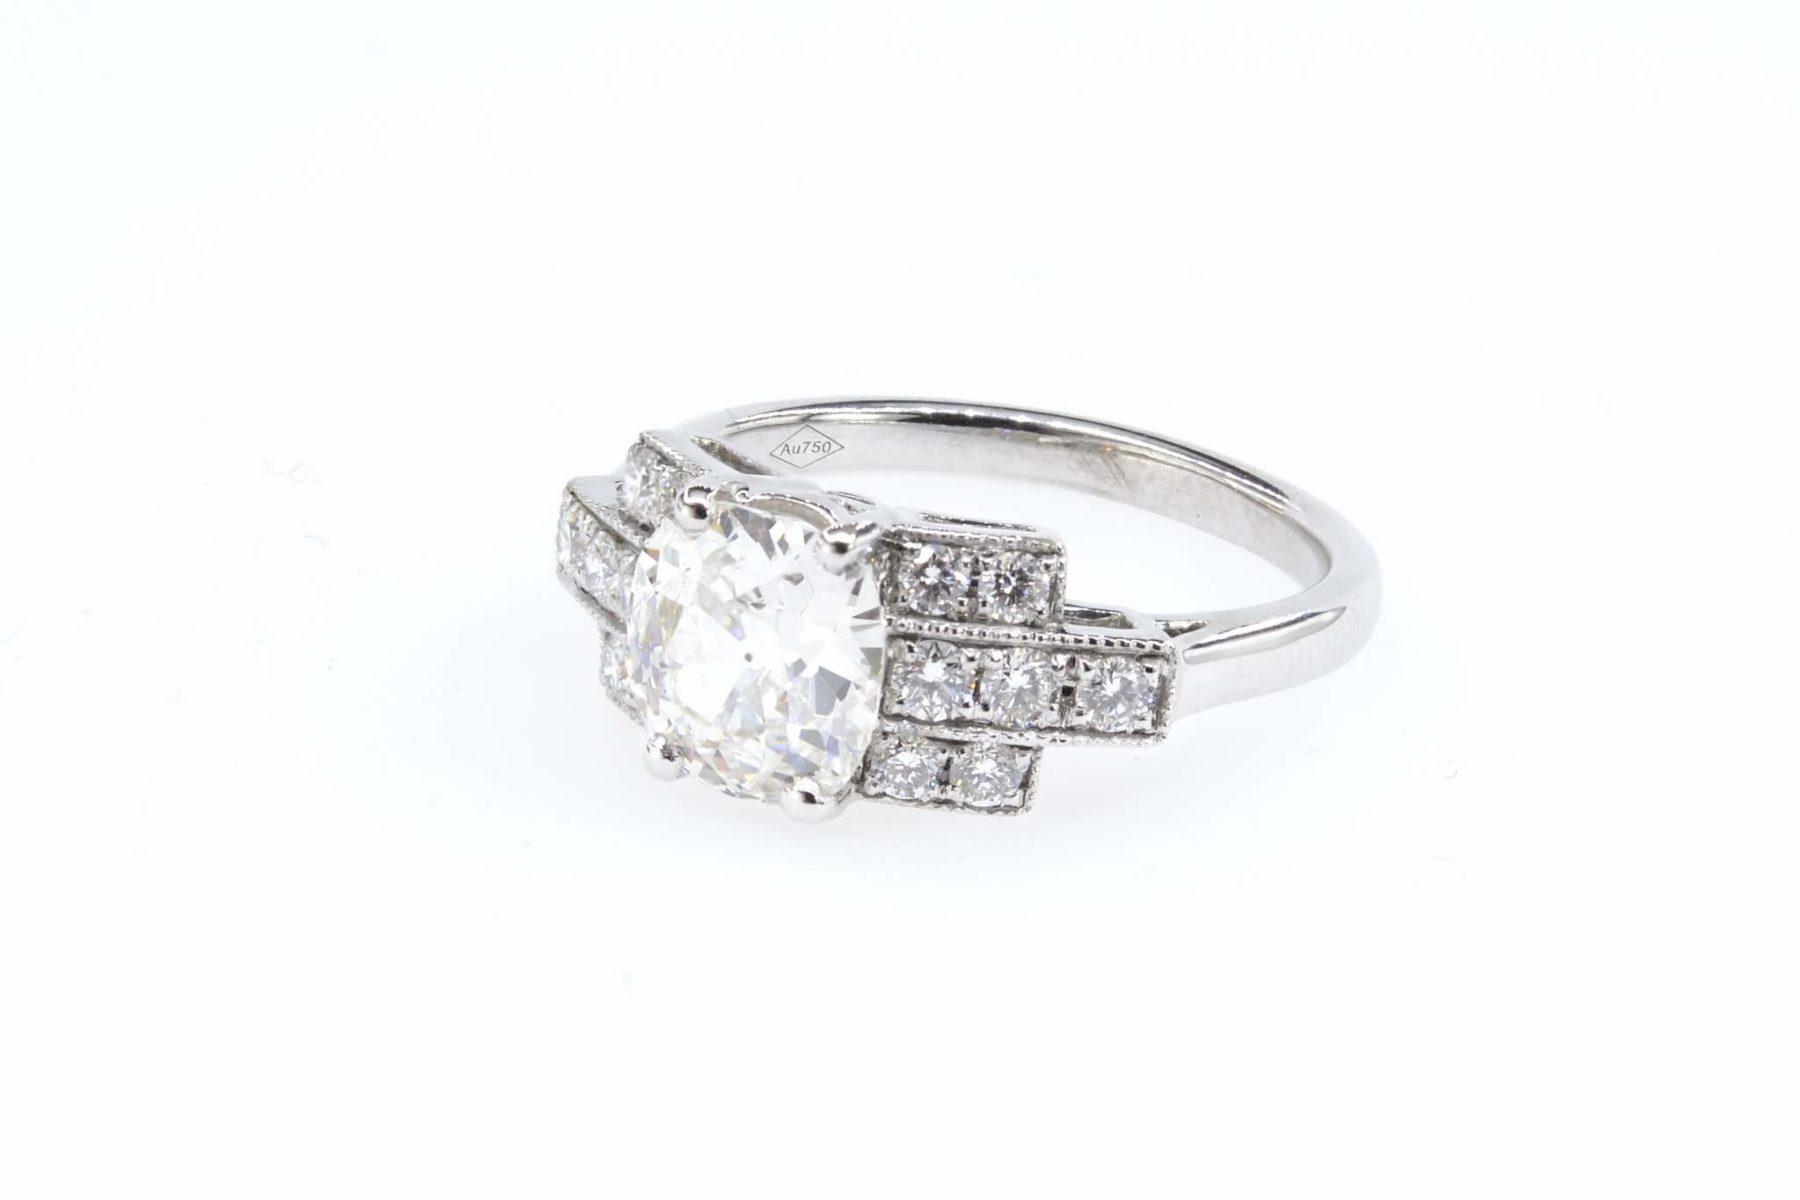 Bague diamant en or blanc 18k